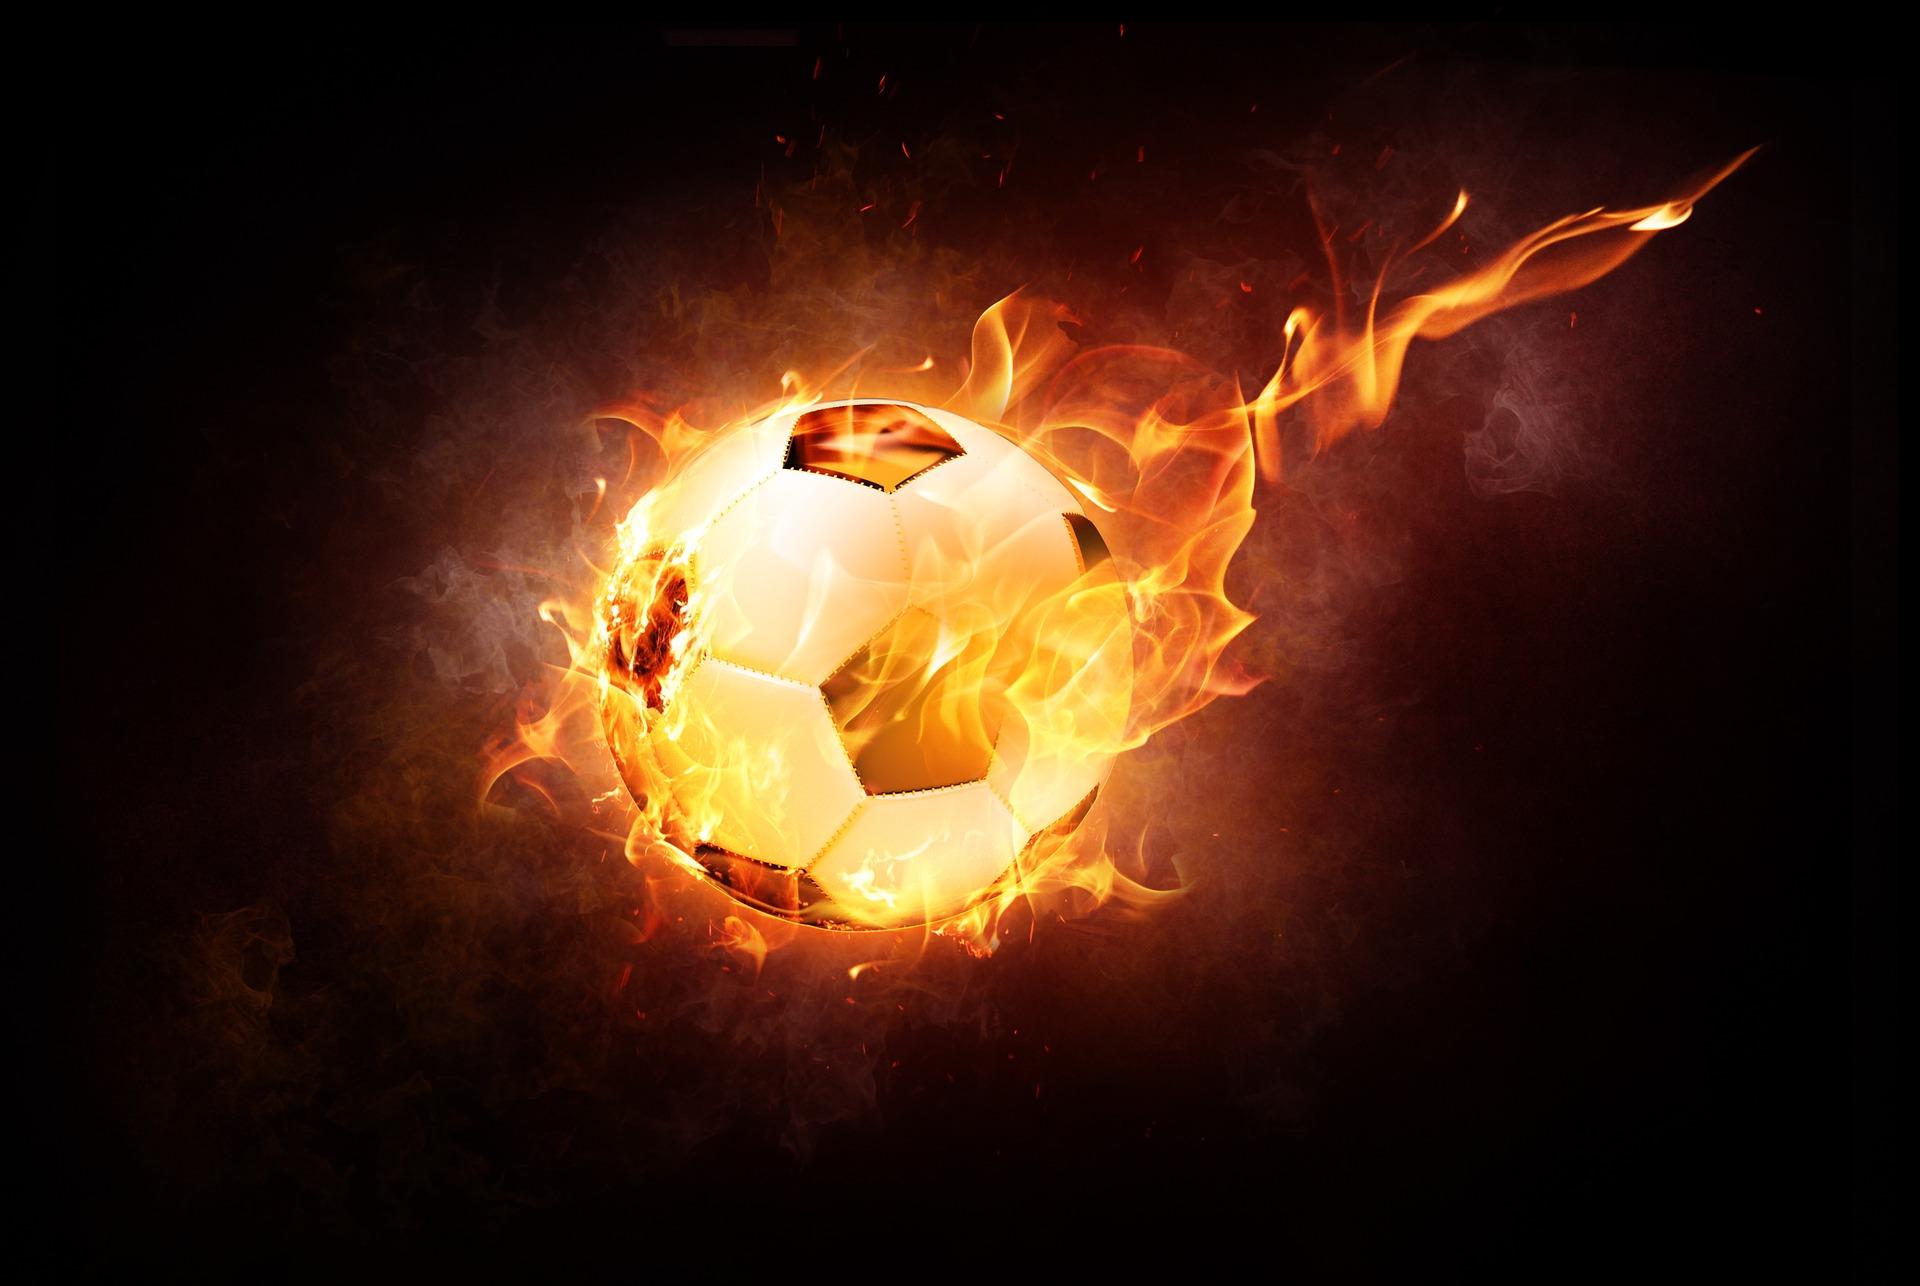 Football, ballon, feu, Tiro, flamme - Fonds d'écran HD - Professor-falken.com